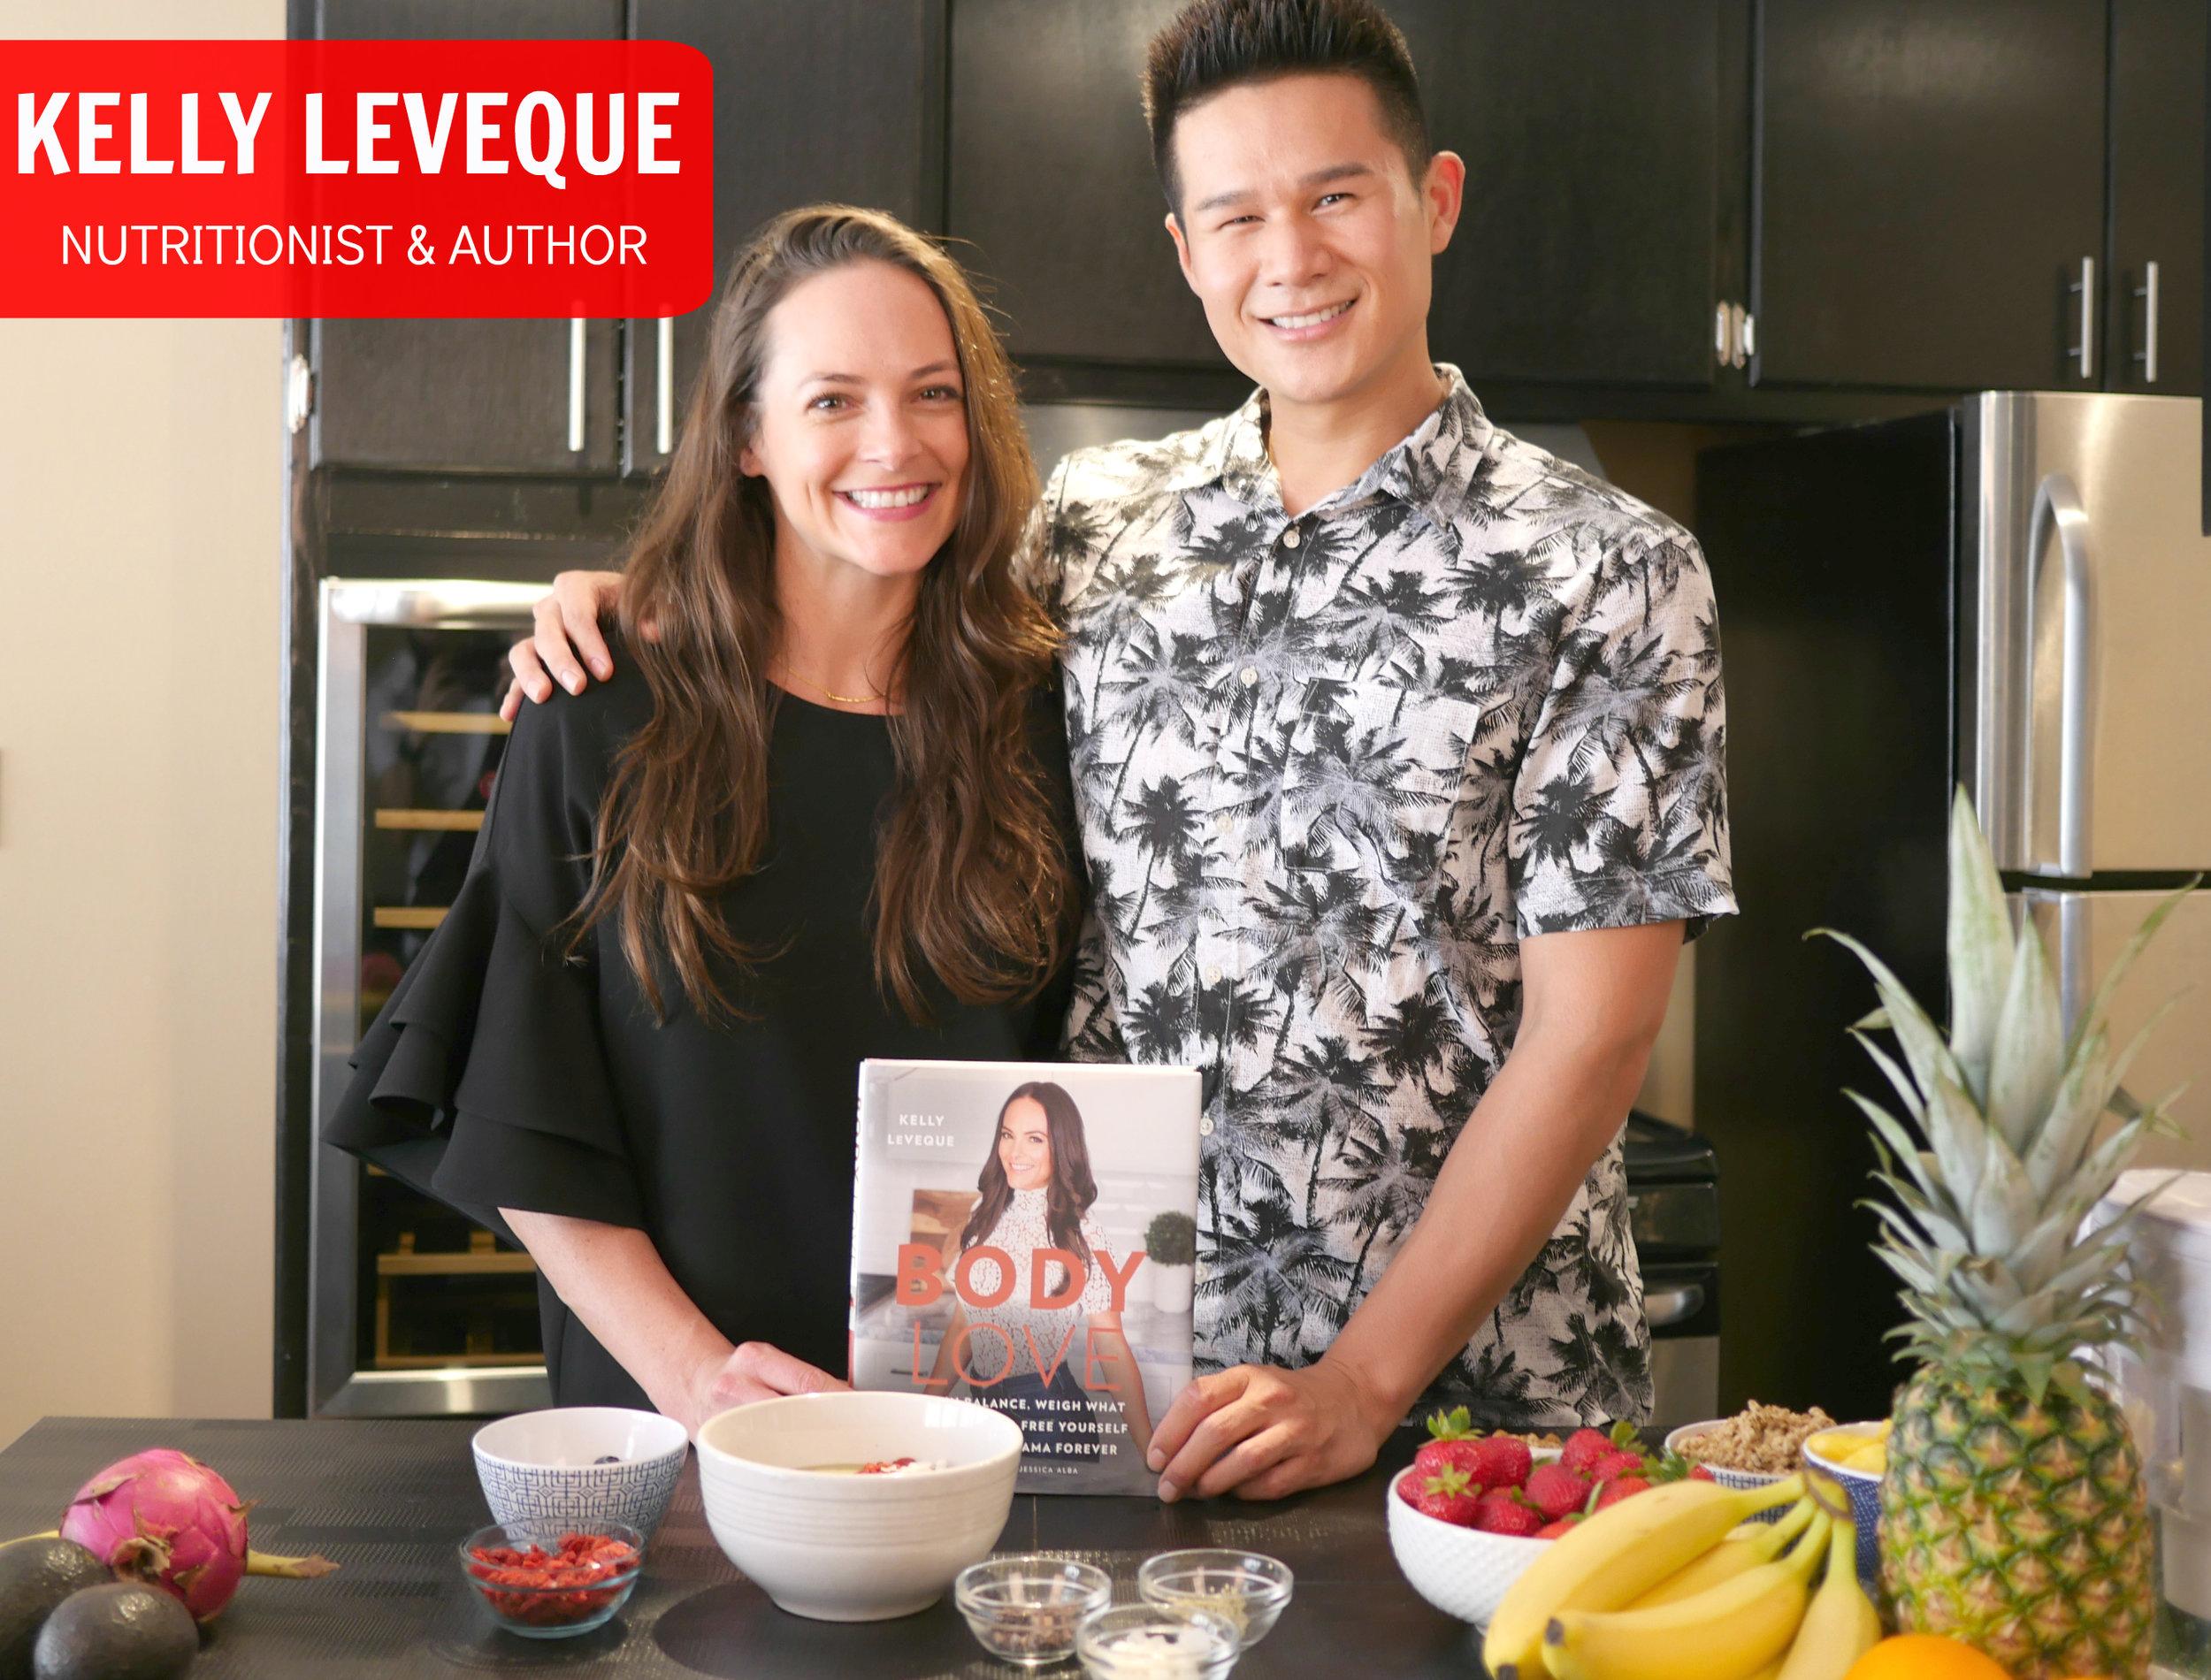 Kelly Leveque Body Love Kitchen Hustle.jpg